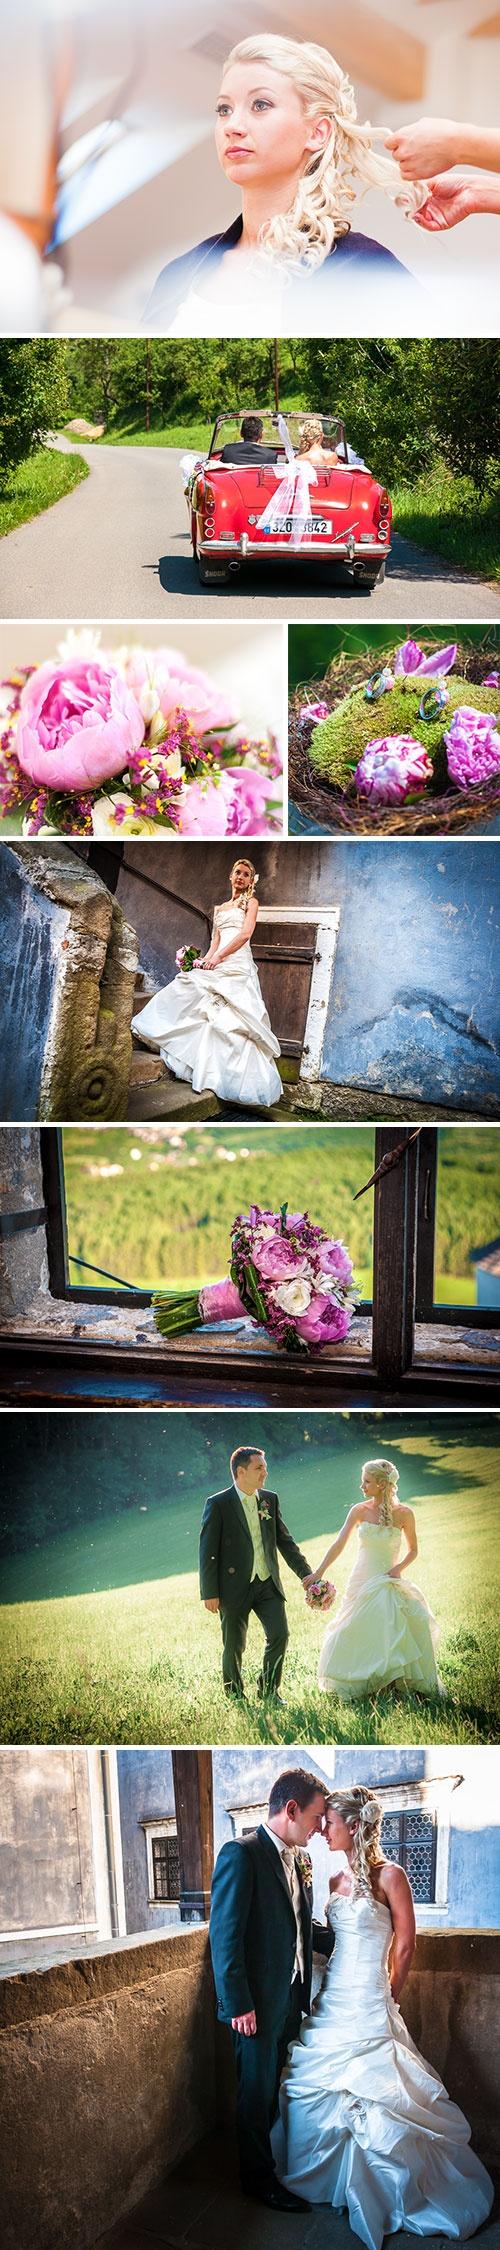 Tom & Michaela wedding, for full album please visit http://martinkup.cz/fotografie/svatba-misa-a-tom-06-2012/ #wedding #castle #flower #groom #bride